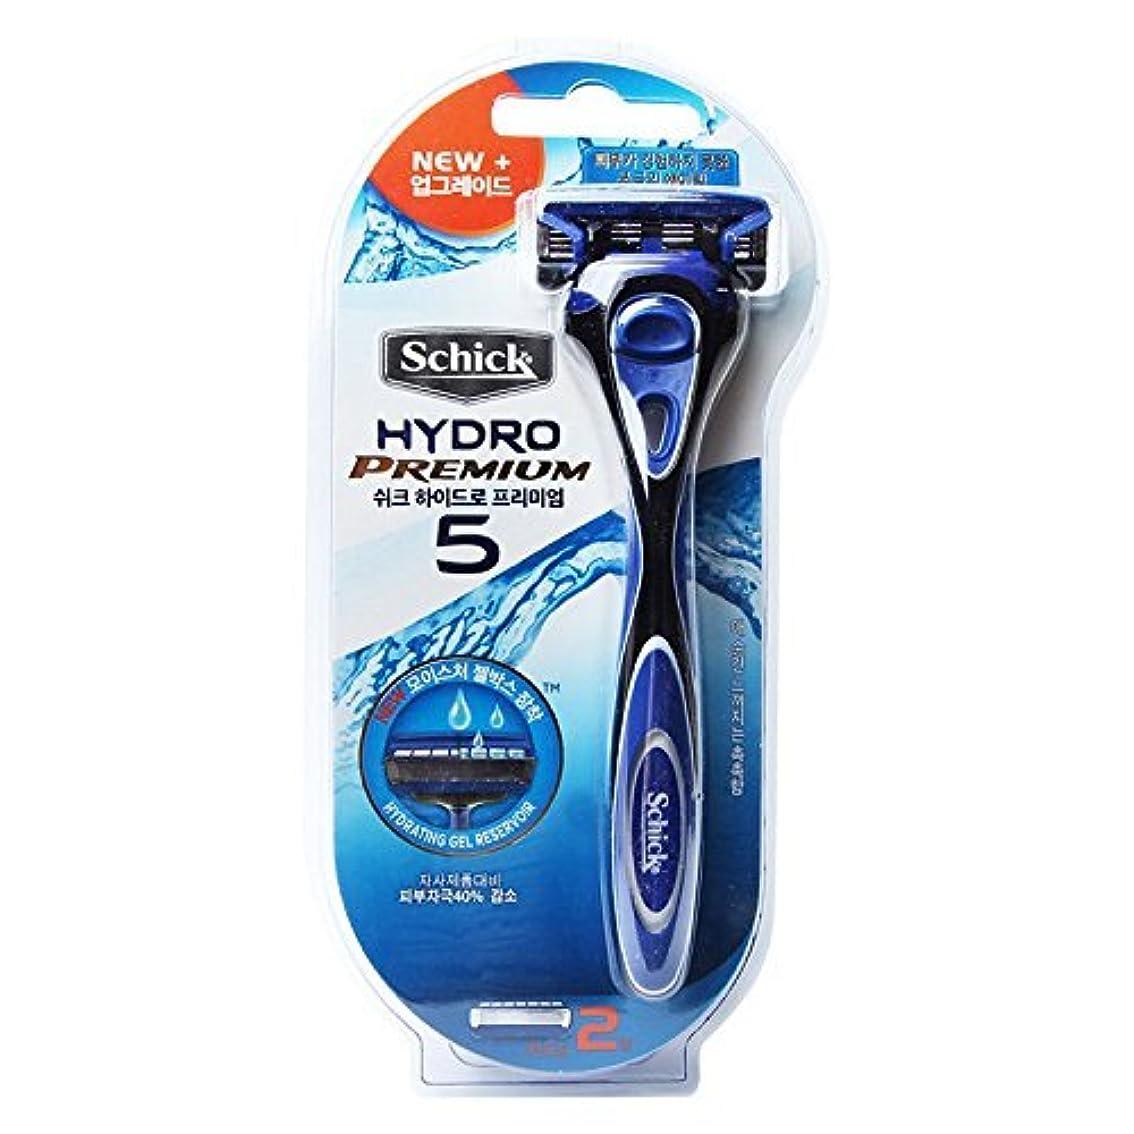 大胆気づかないキウイSchick Hydro 5 Premium トリマーで男性と2カミソリ詰め替え用カミソリ [並行輸入品]